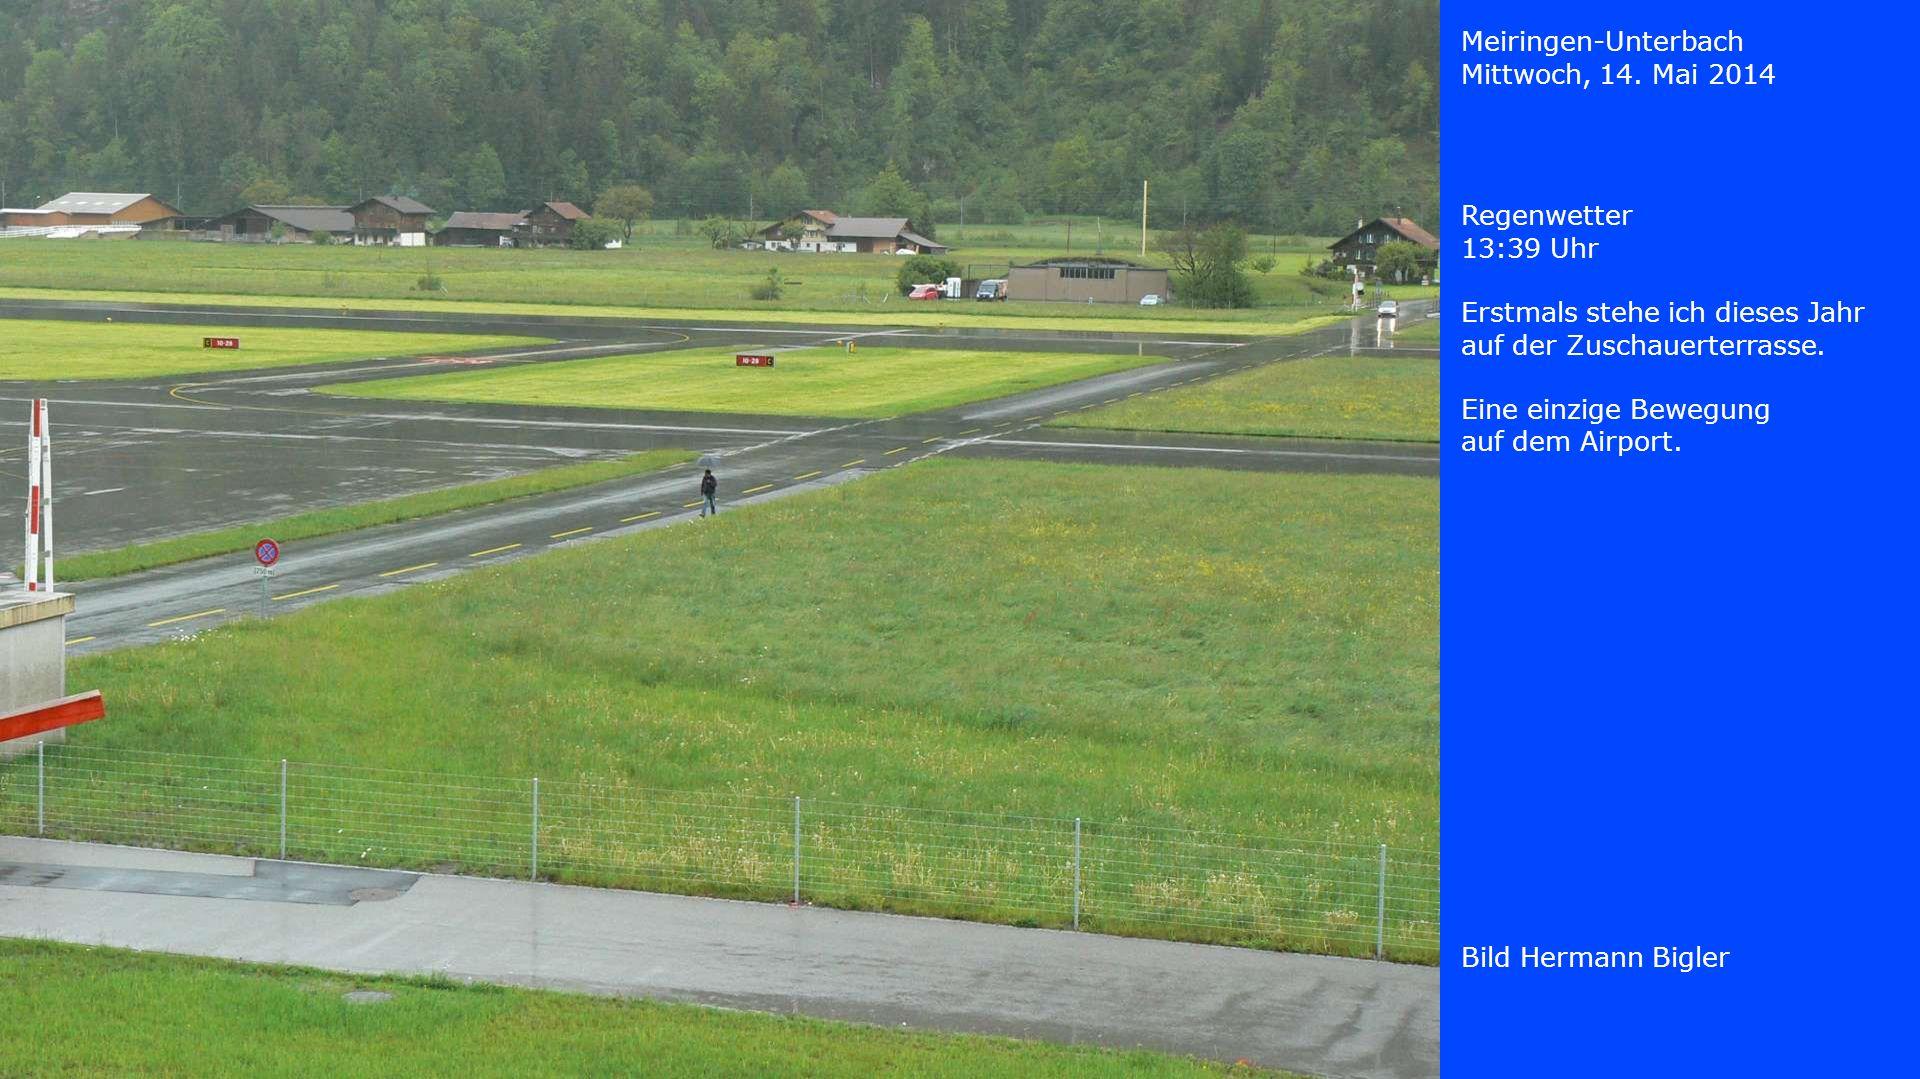 Meiringen-Unterbach Mittwoch, 14. Mai 2014 Bild Hermann Bigler Regenwetter 13:39 Uhr Erstmals stehe ich dieses Jahr auf der Zuschauerterrasse. Eine ei